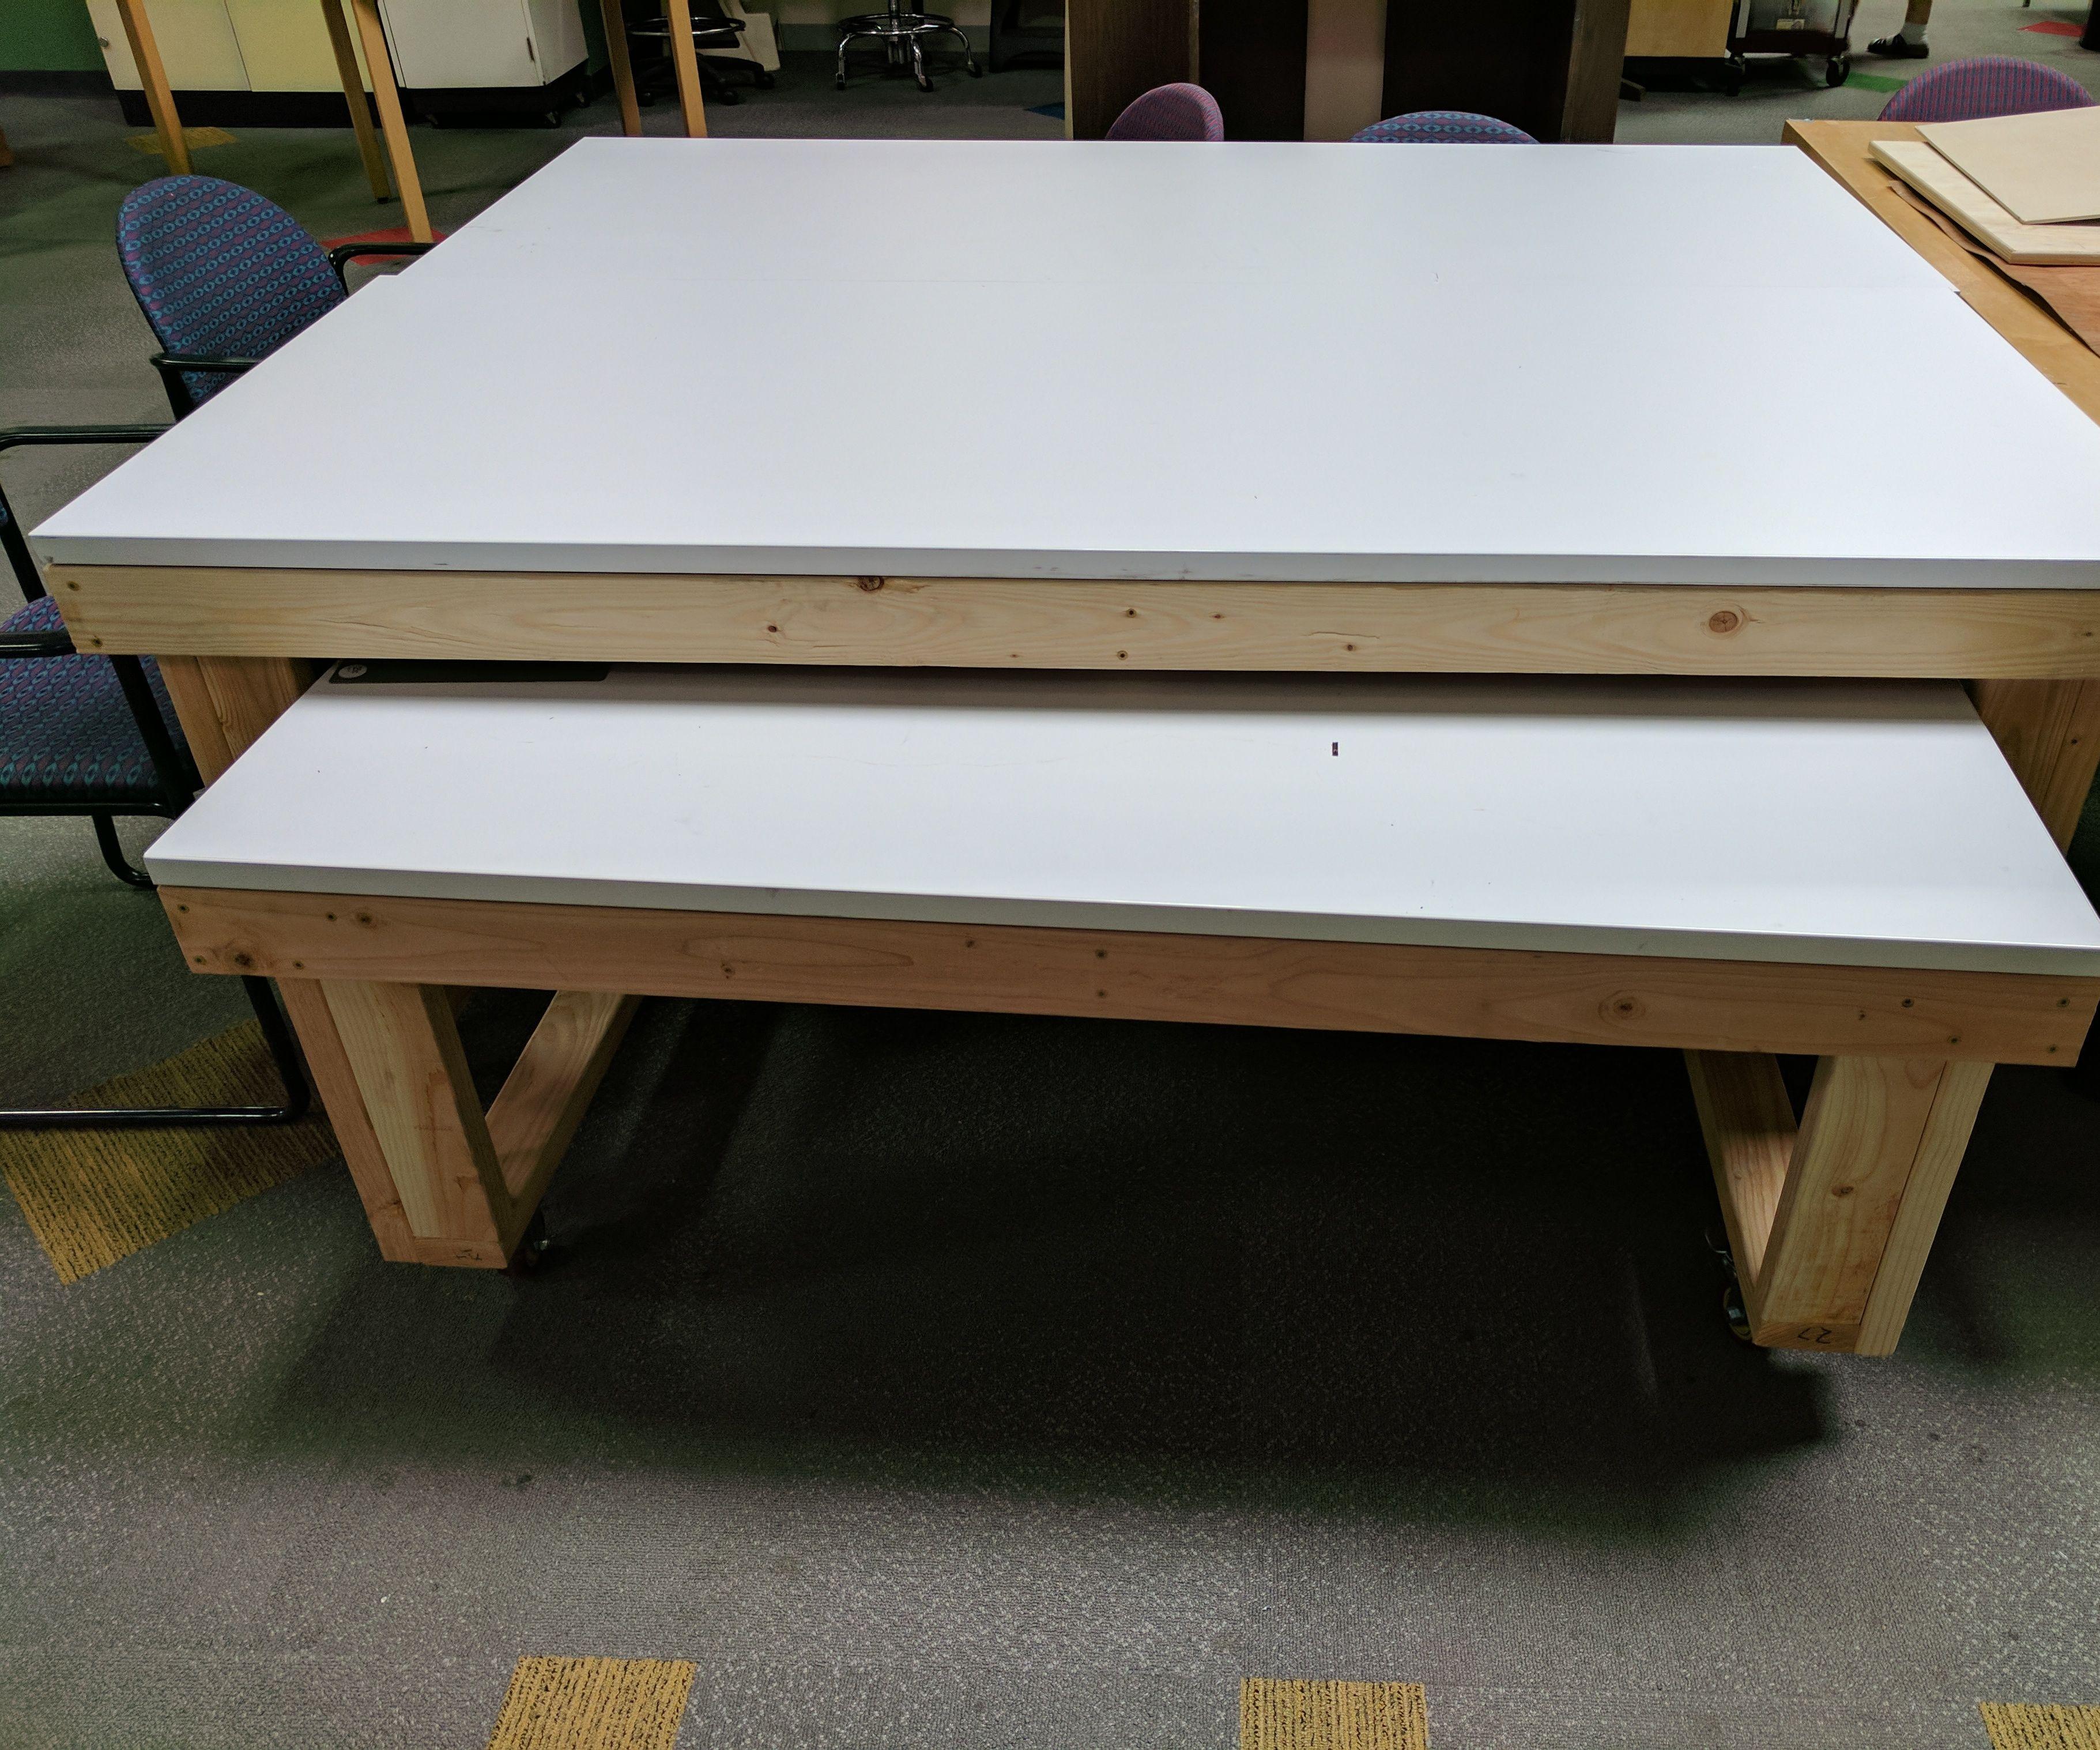 Makerspace Worktables